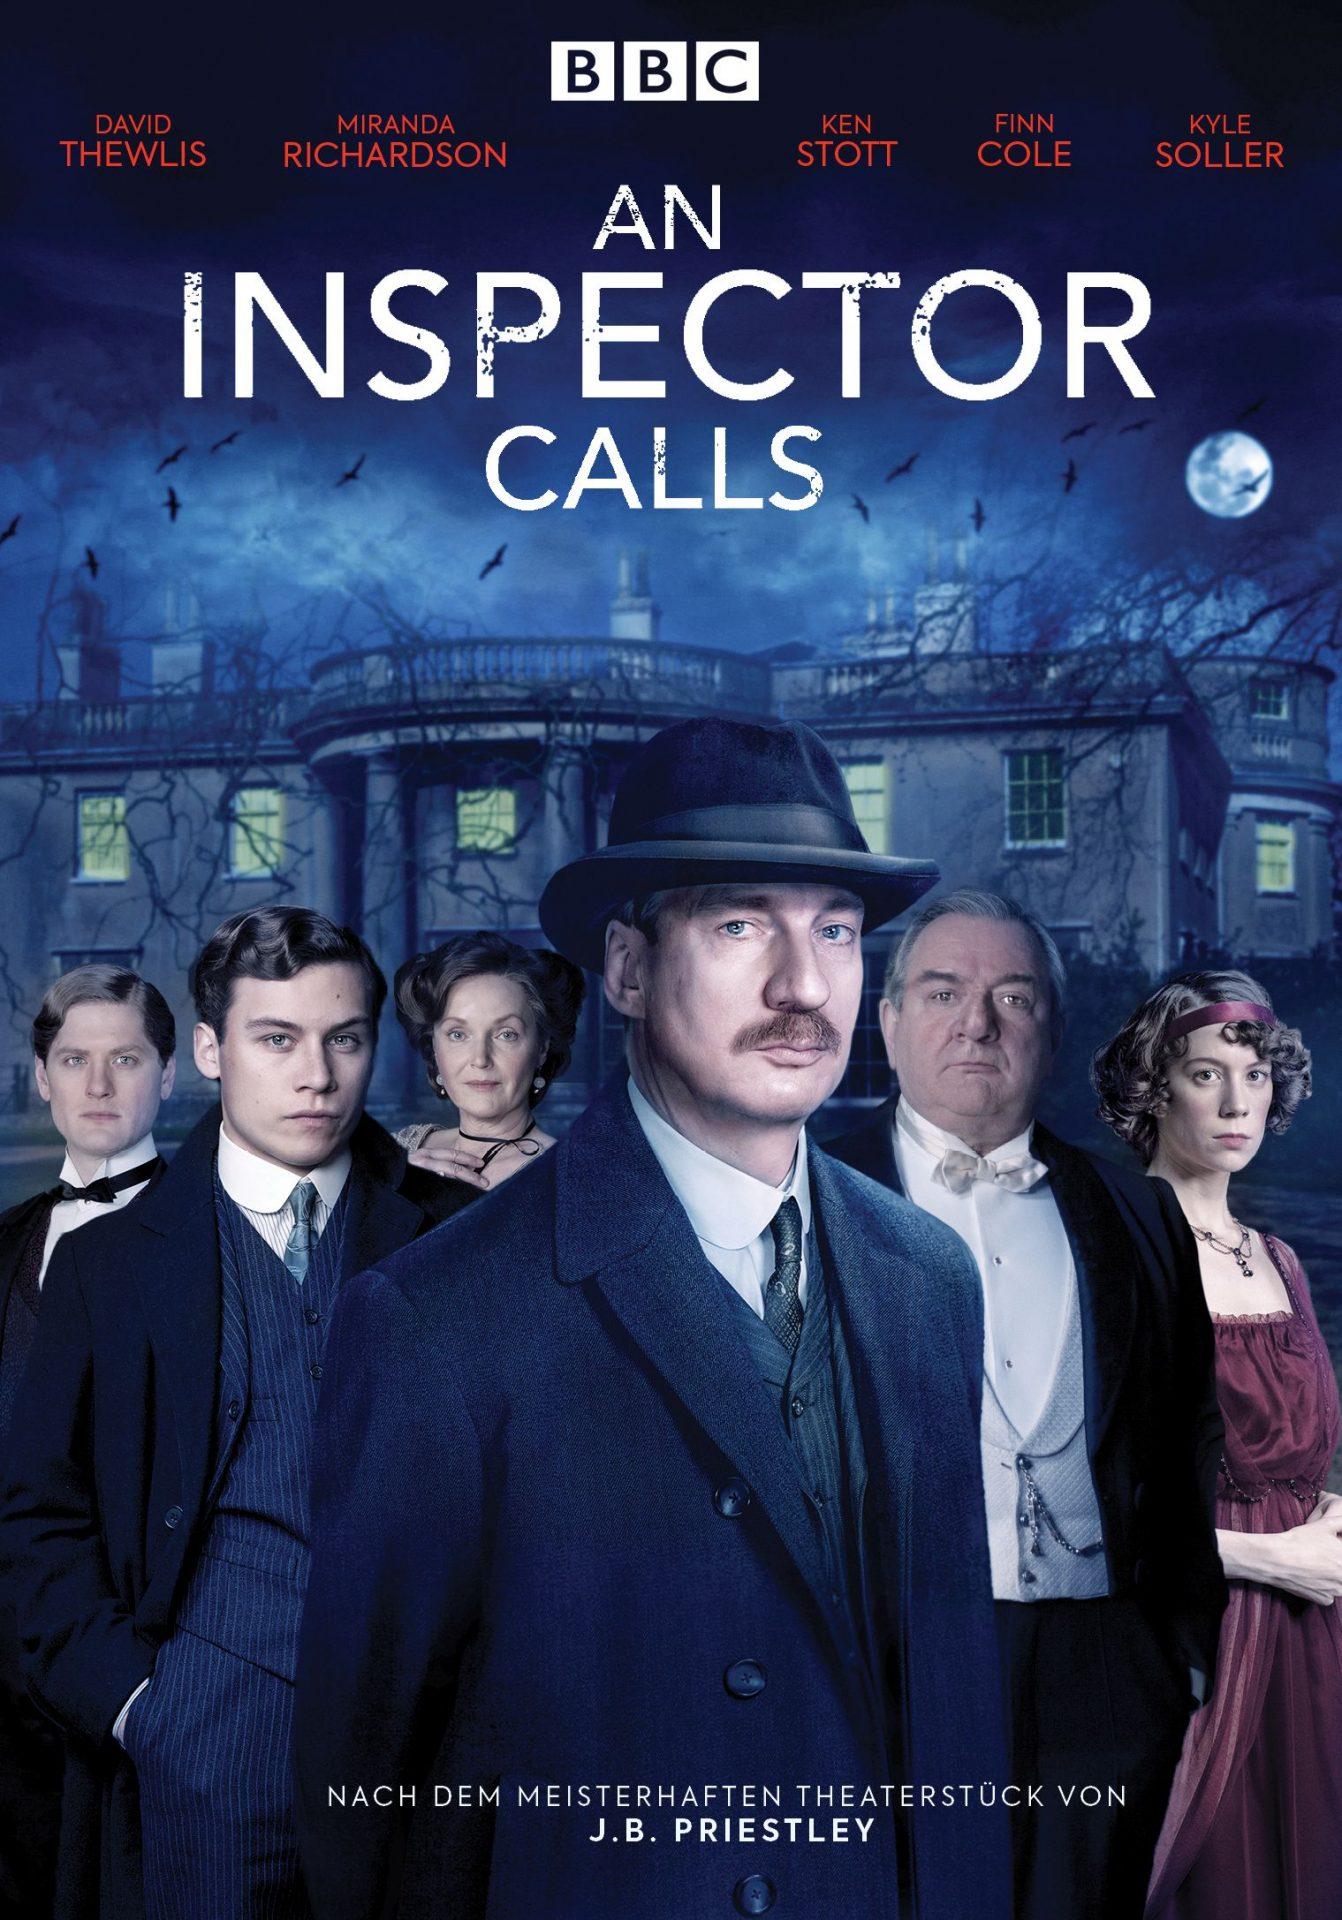 An Inspector Calls - BBC-Verfilmung des berühmten Kriminaldramas